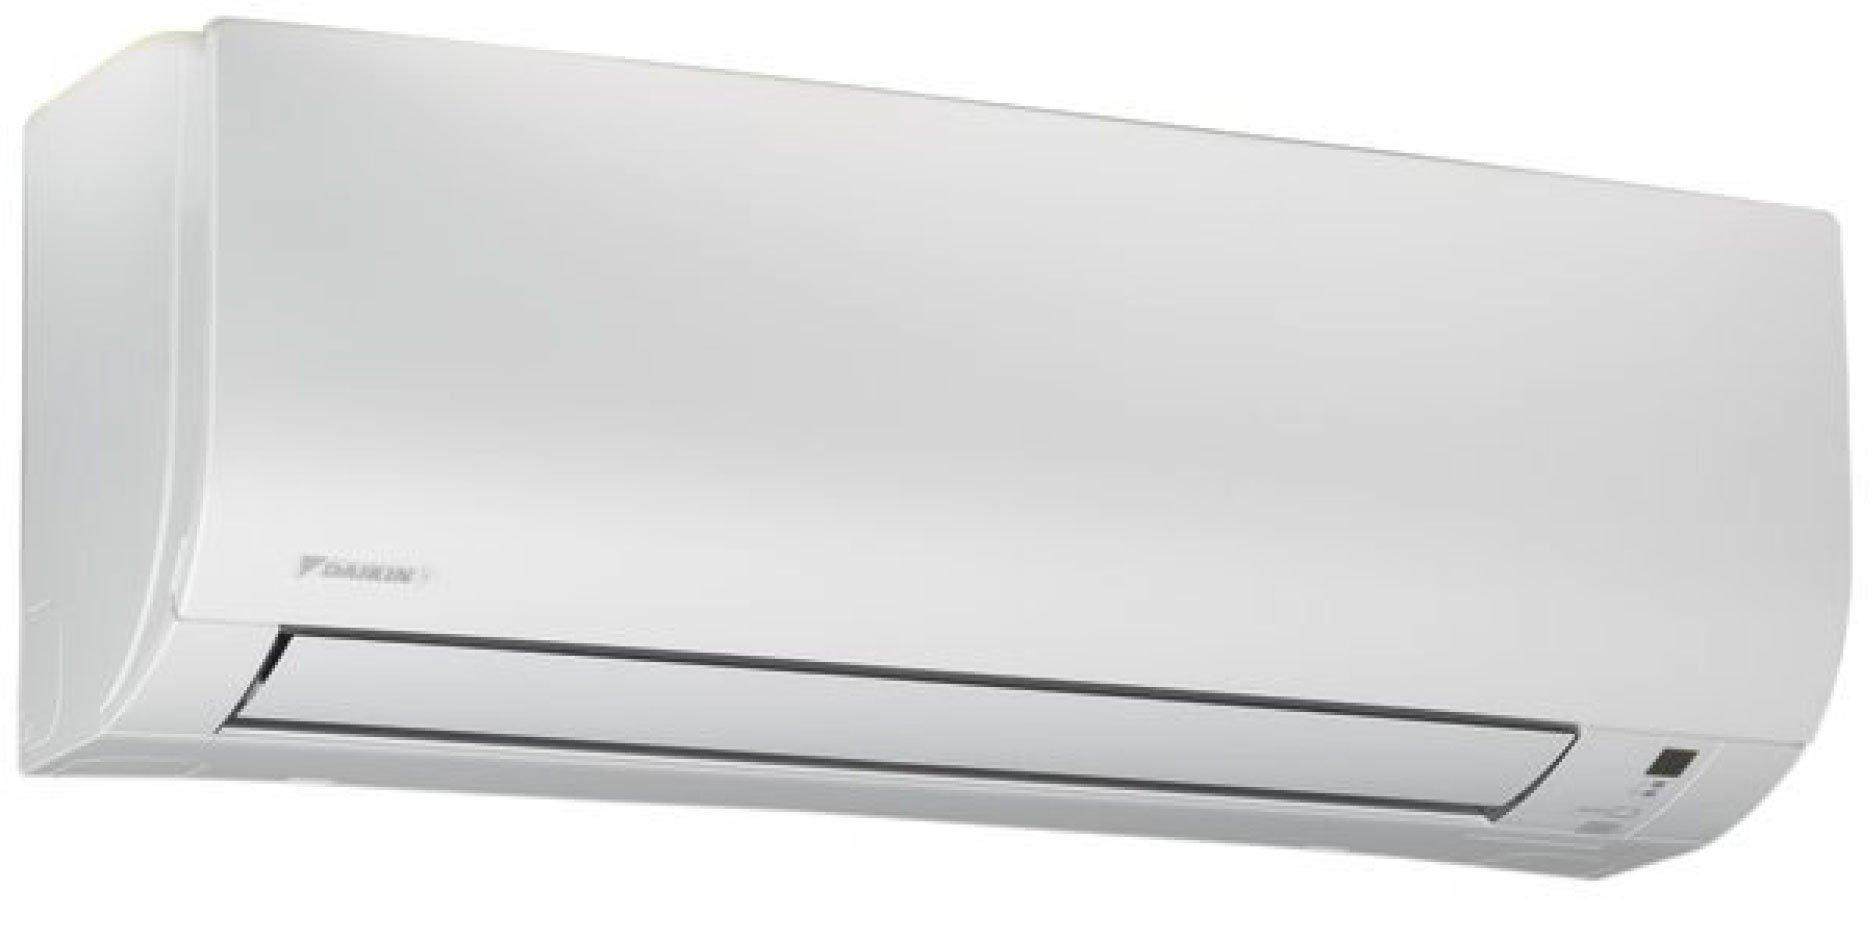 FVXG-K3 - Daikin